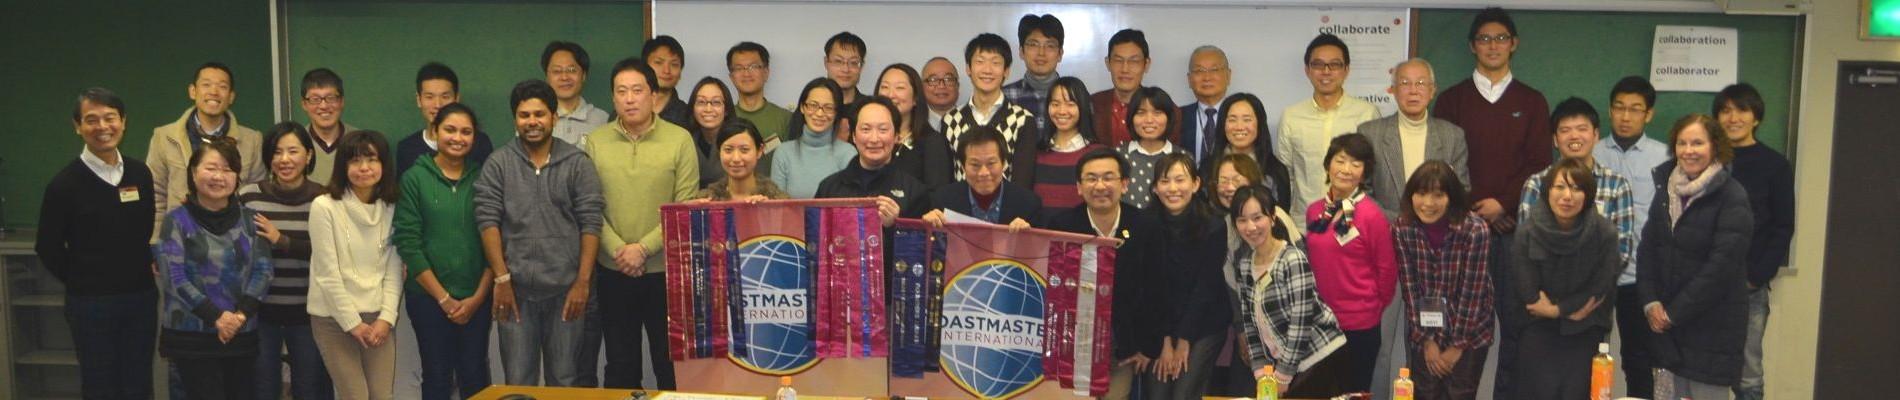 横浜トーストマスターズ(YTMC)ヘッダ画像